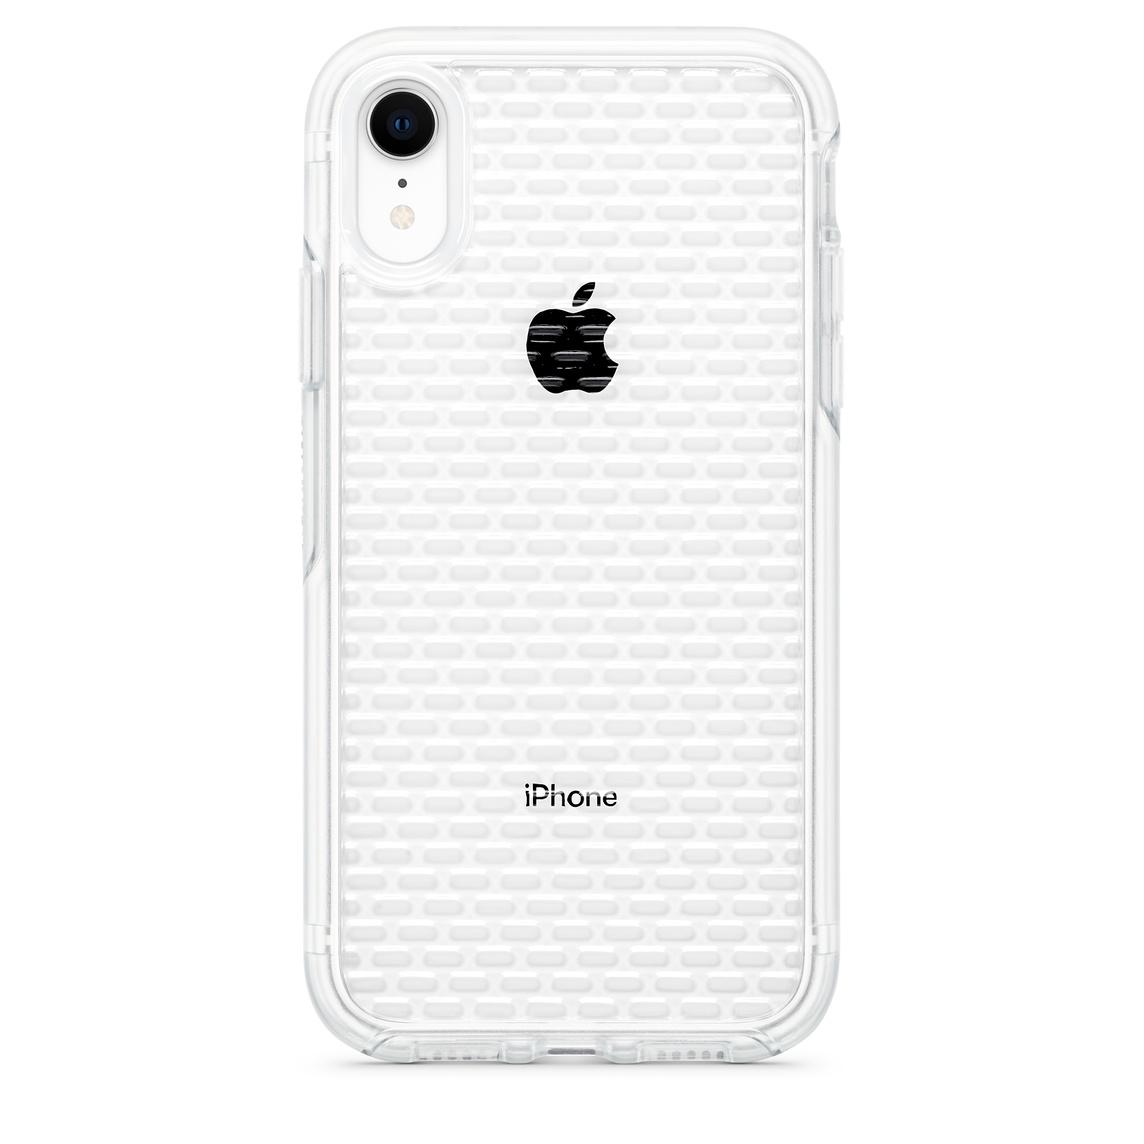 Étui Vue Series d'OtterBox pour iPhone XR - Transparent